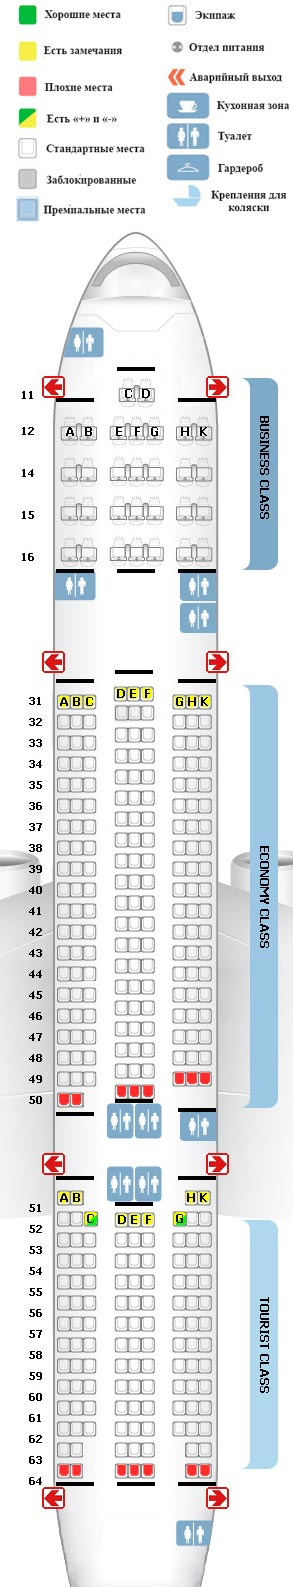 схема боинг 777-200 оренбургские